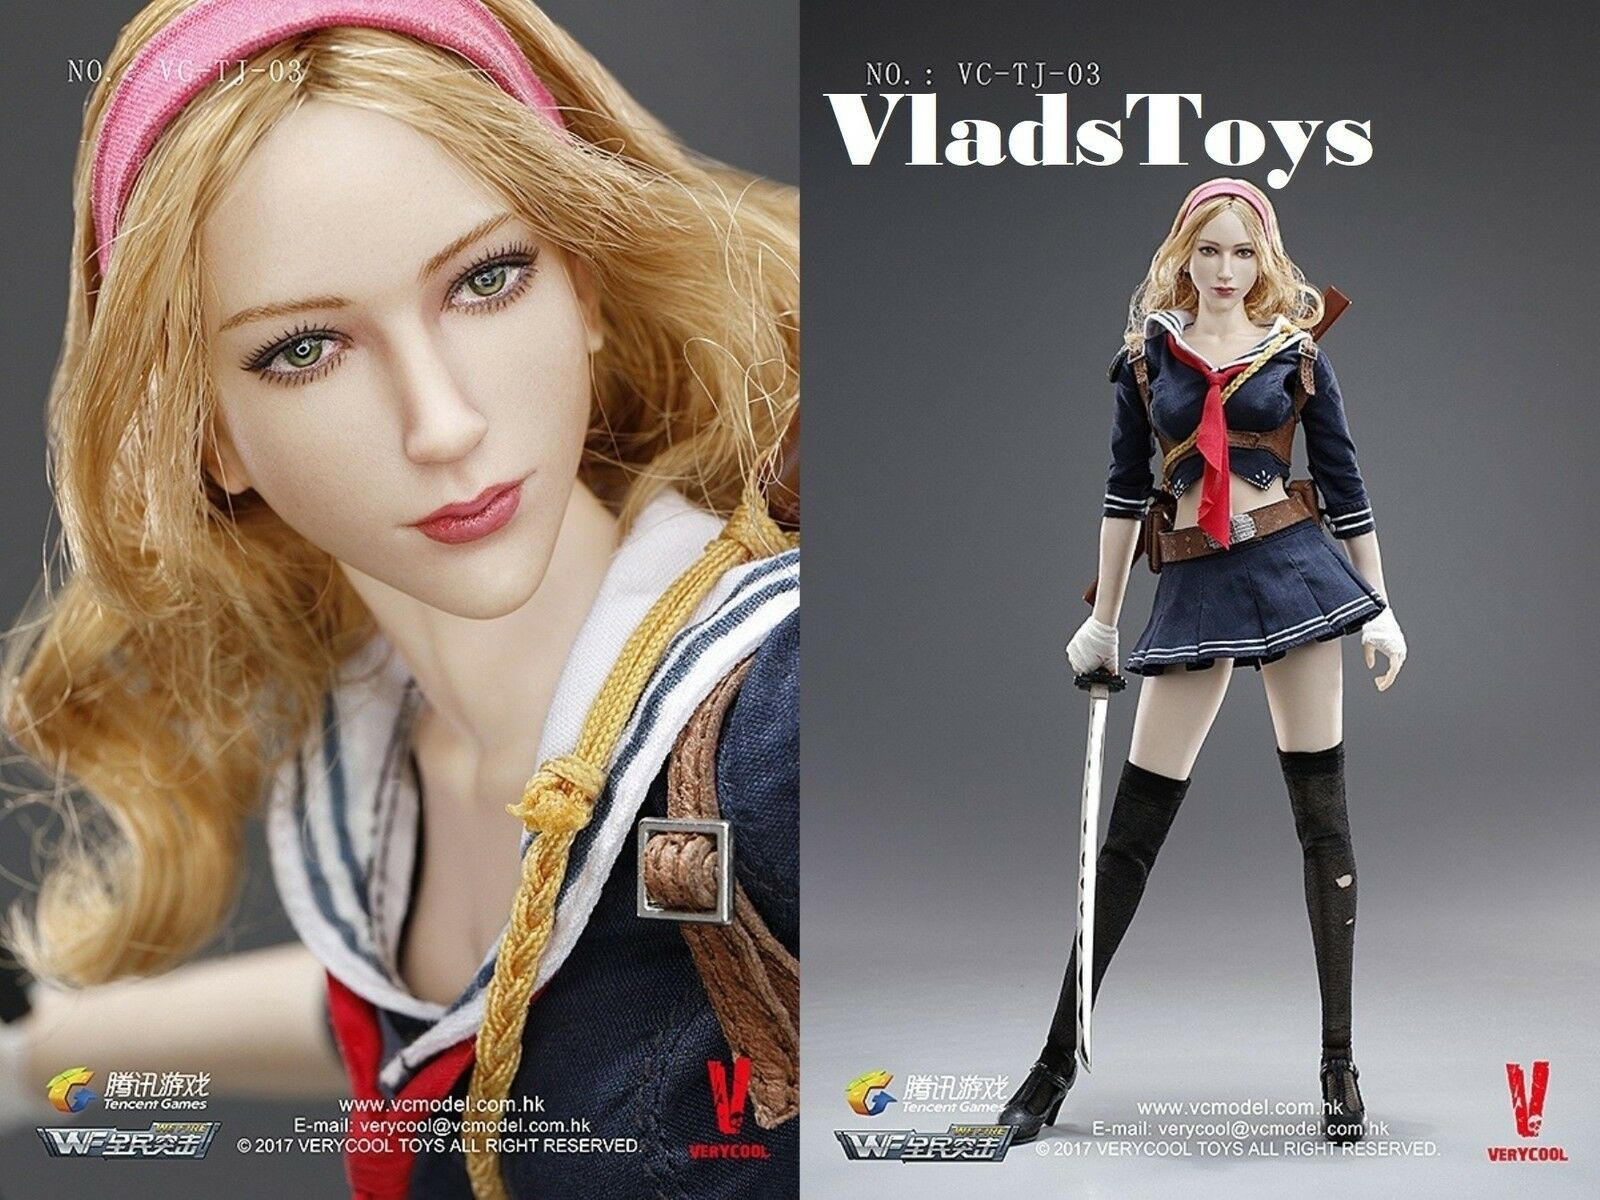 VeryCool giocattoli 16 wefire di QQ GIOCO Terza bomba Lama Girl VCTJ03 USA